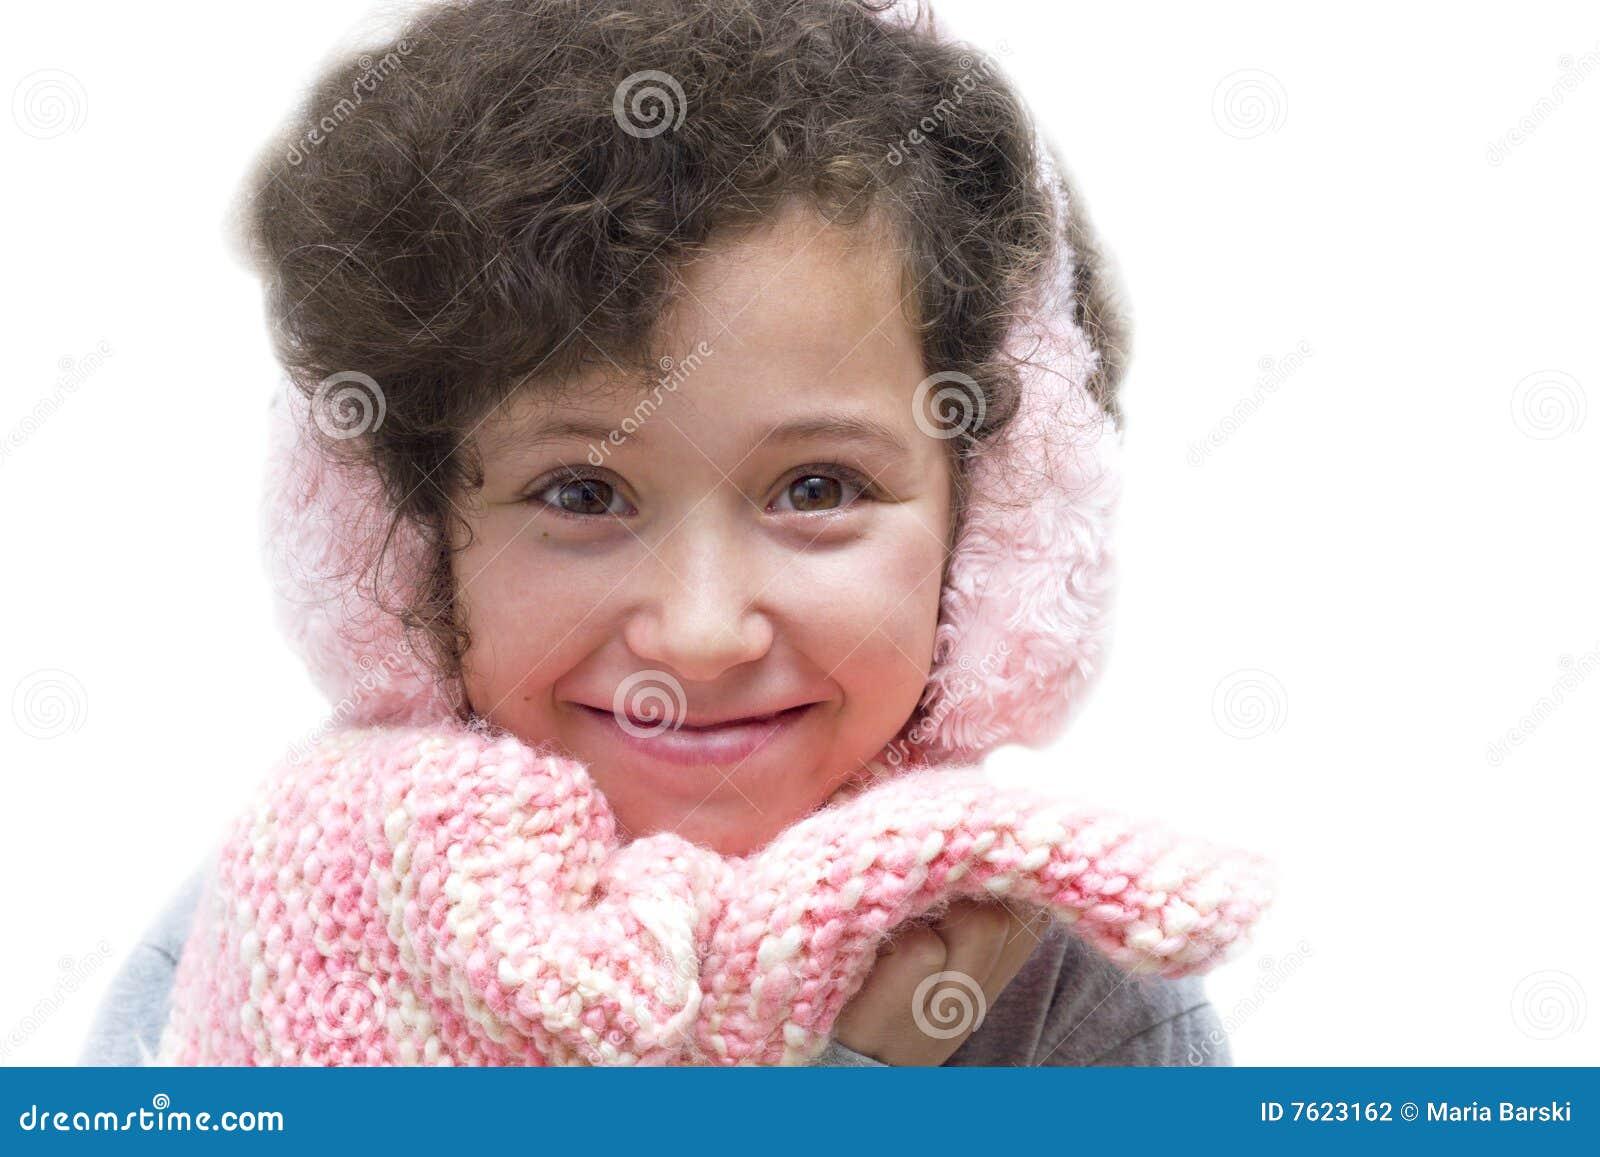 御寒耳罩女孩粉红色围巾